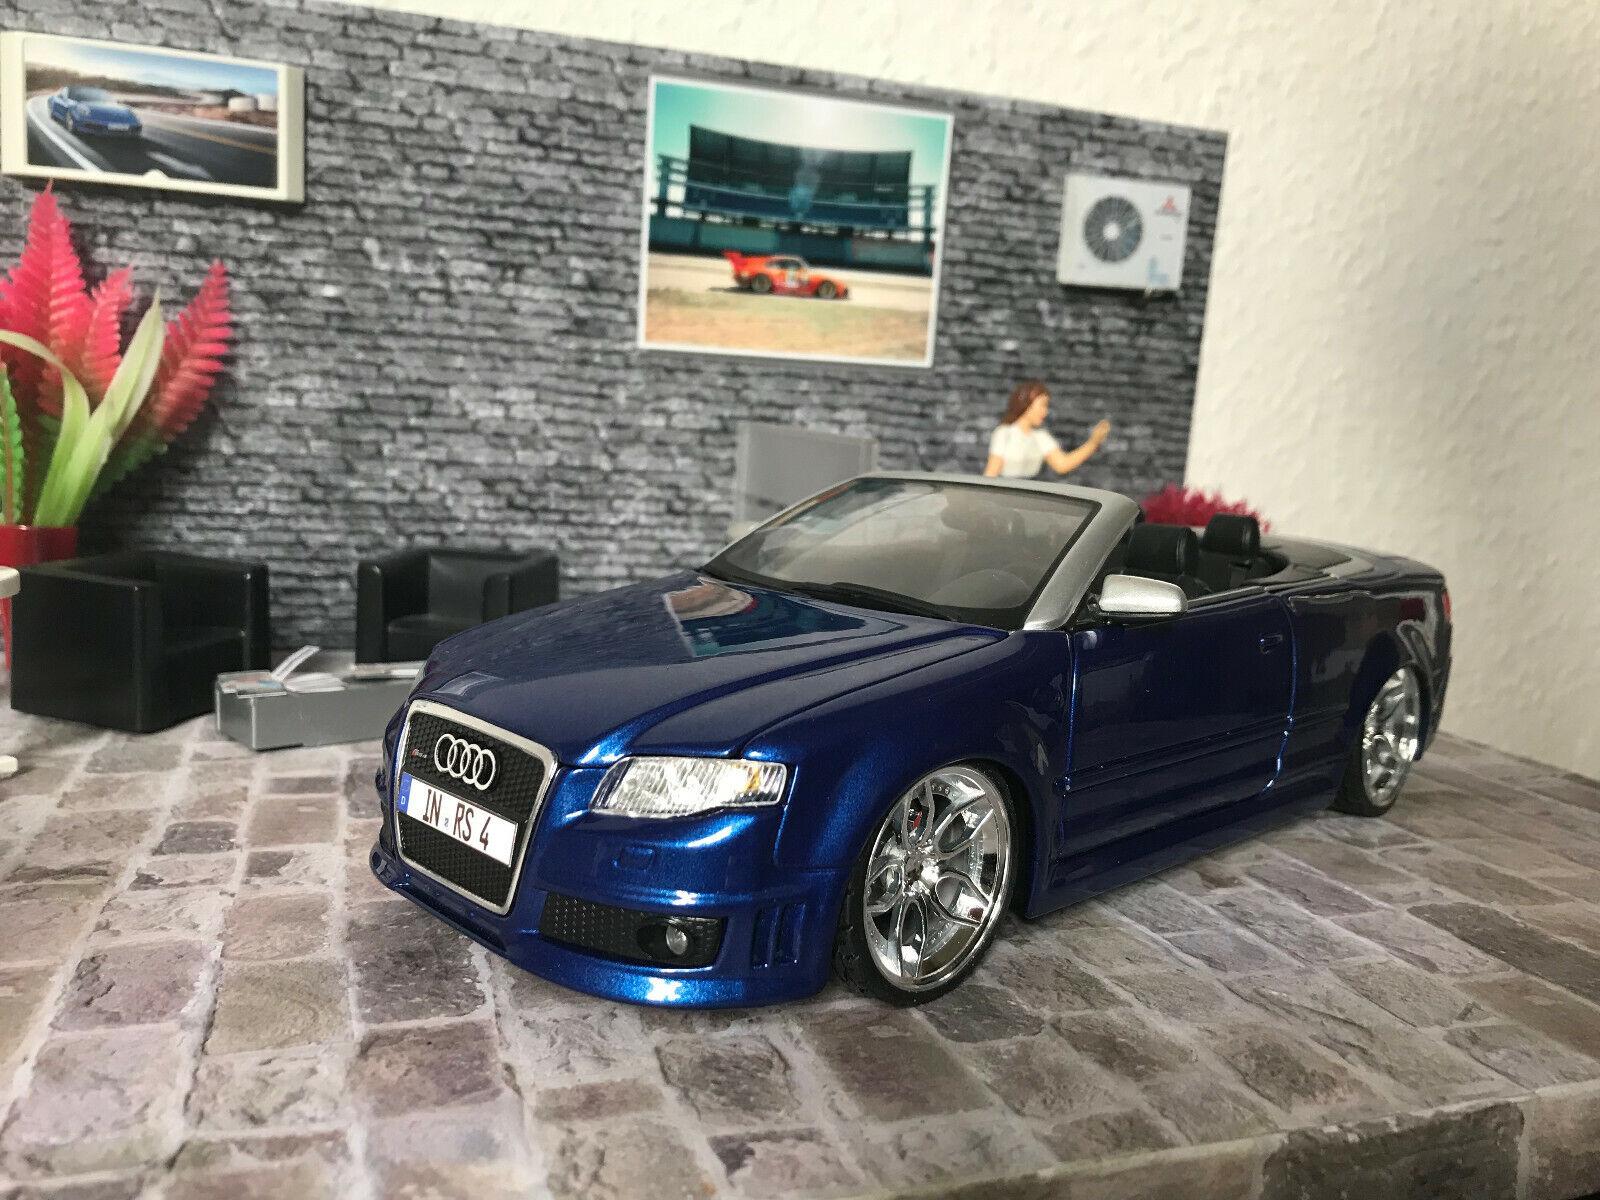 hasta un 50% de descuento Audi rs4 cabrio maisto maisto maisto 1 18 tuning transformación en OVP  única   compra en línea hoy